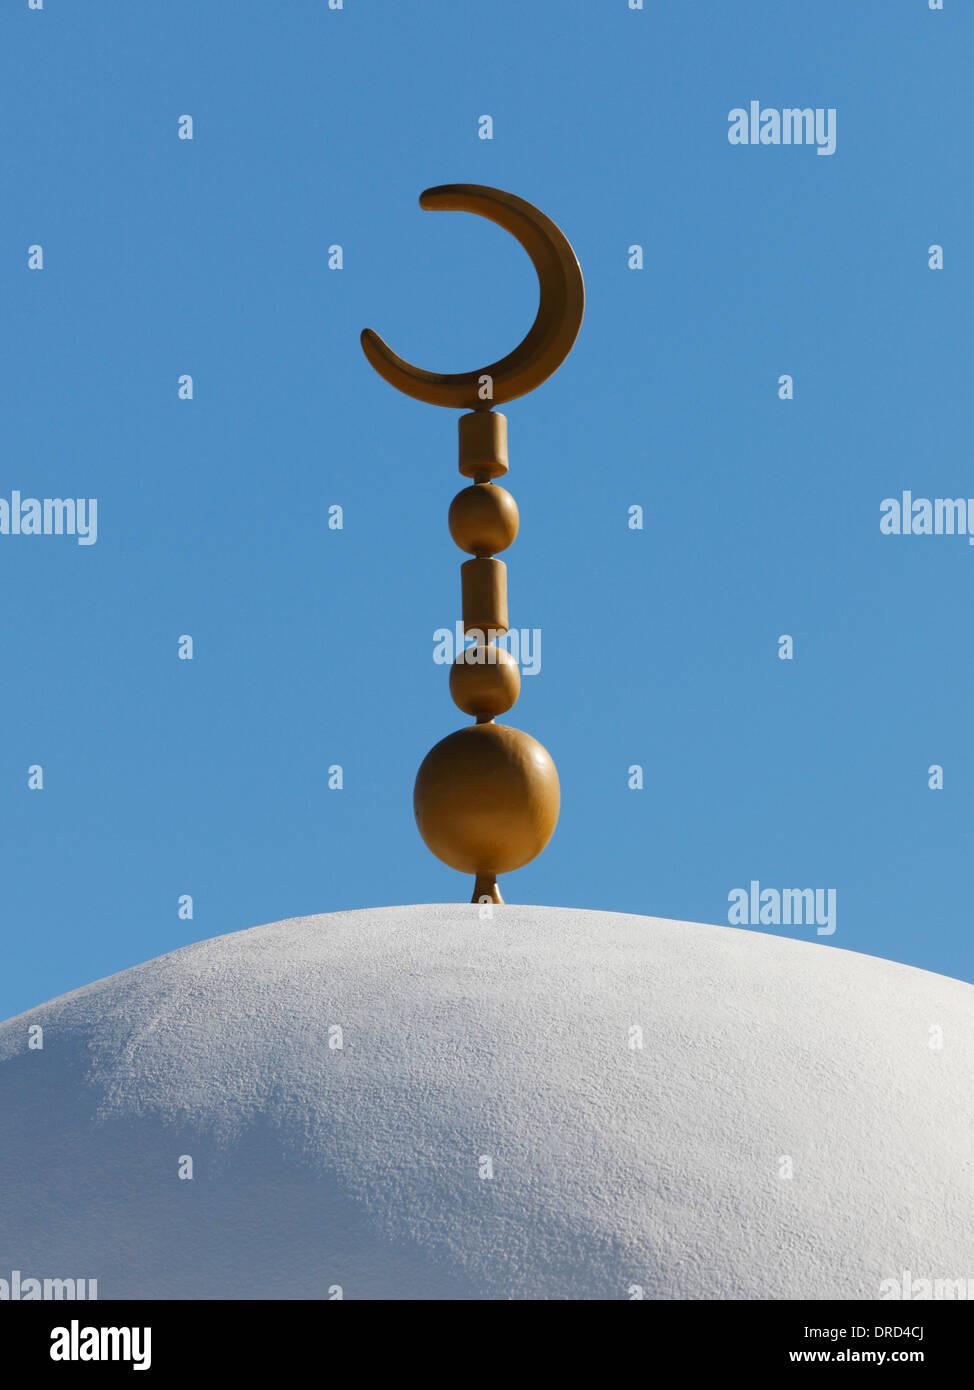 Crescent Moon Symbol Stock Photos Crescent Moon Symbol Stock